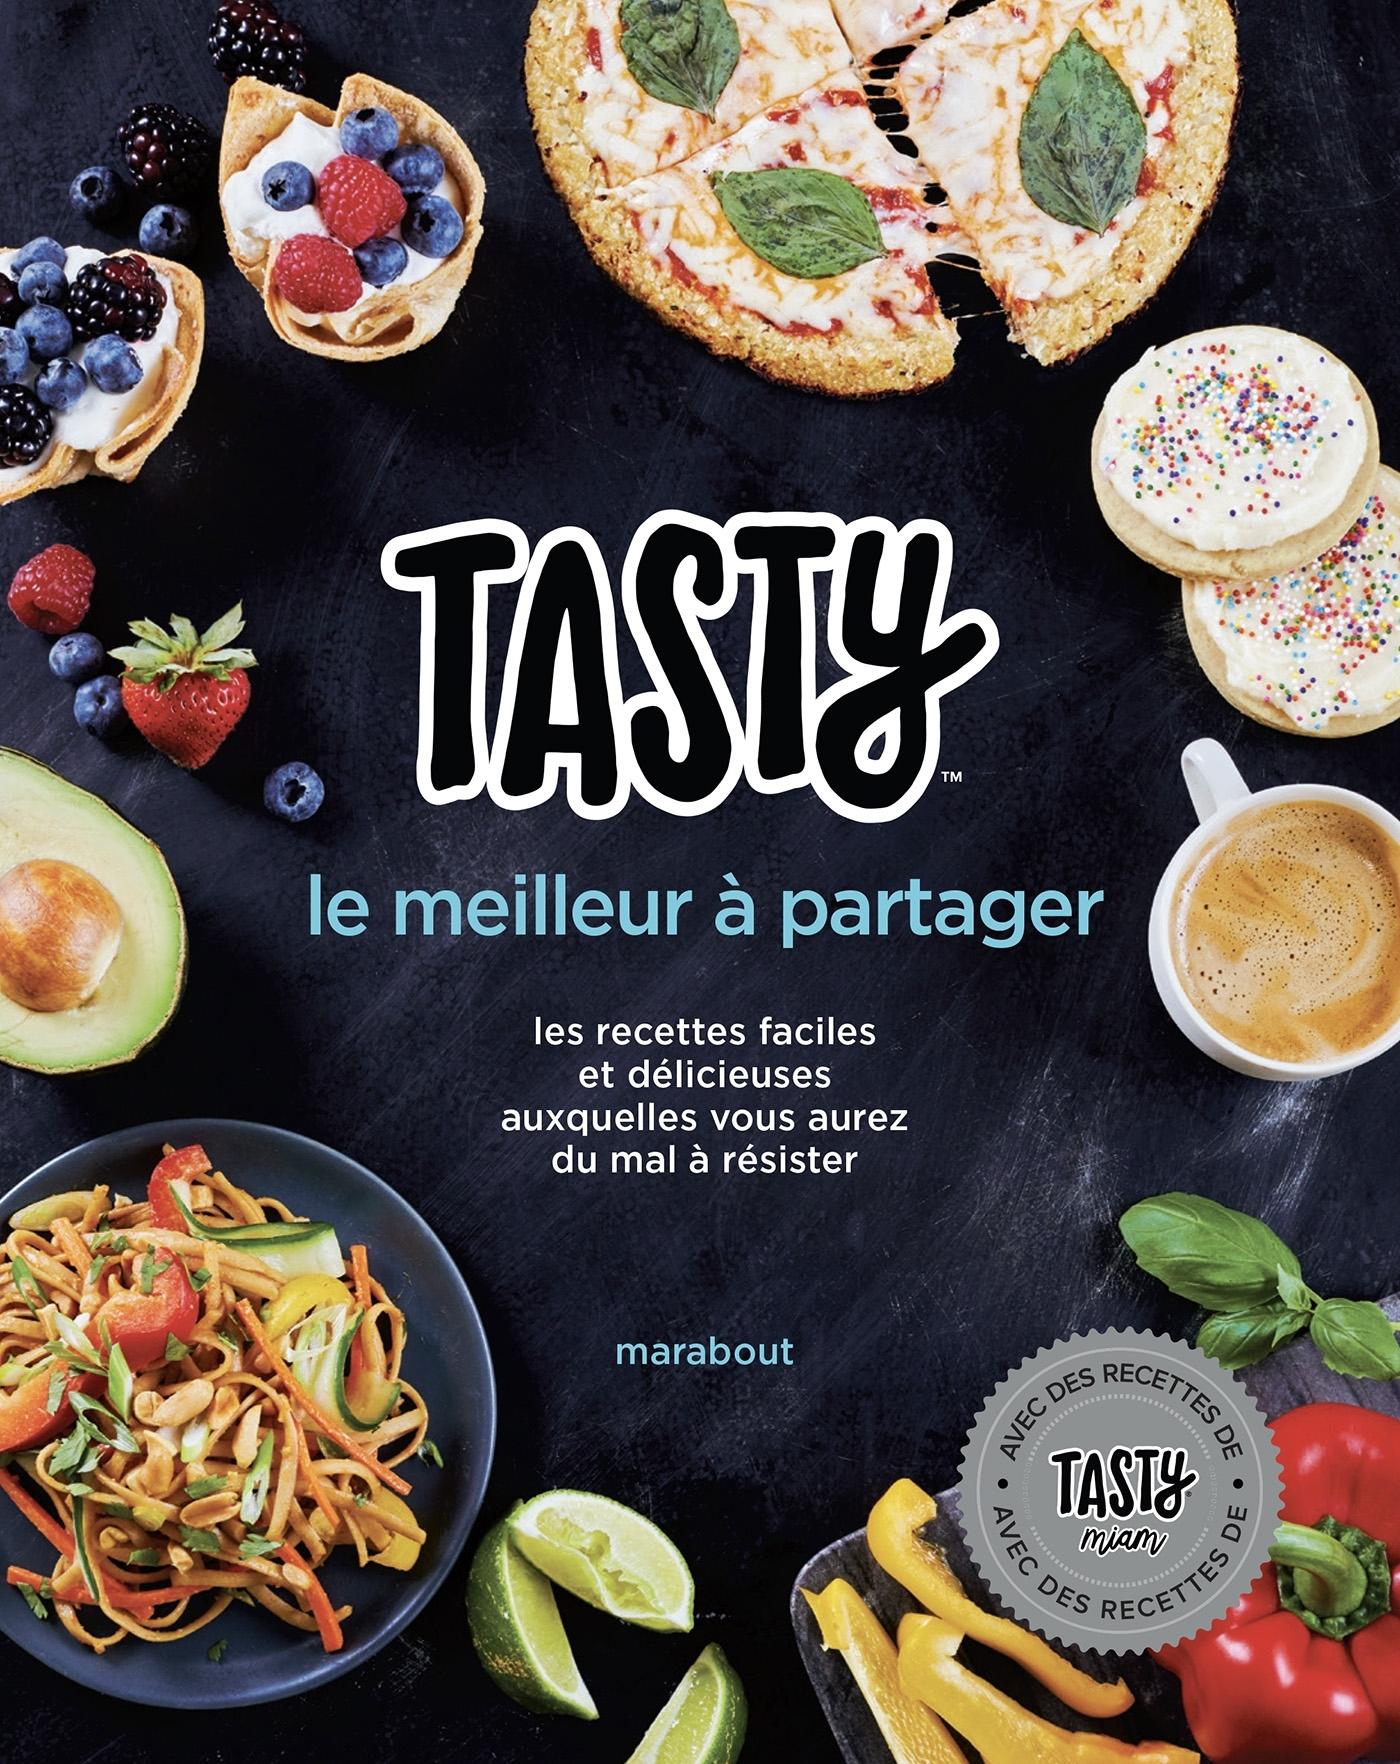 TASTY LE MEILLEUR A PARTAGER